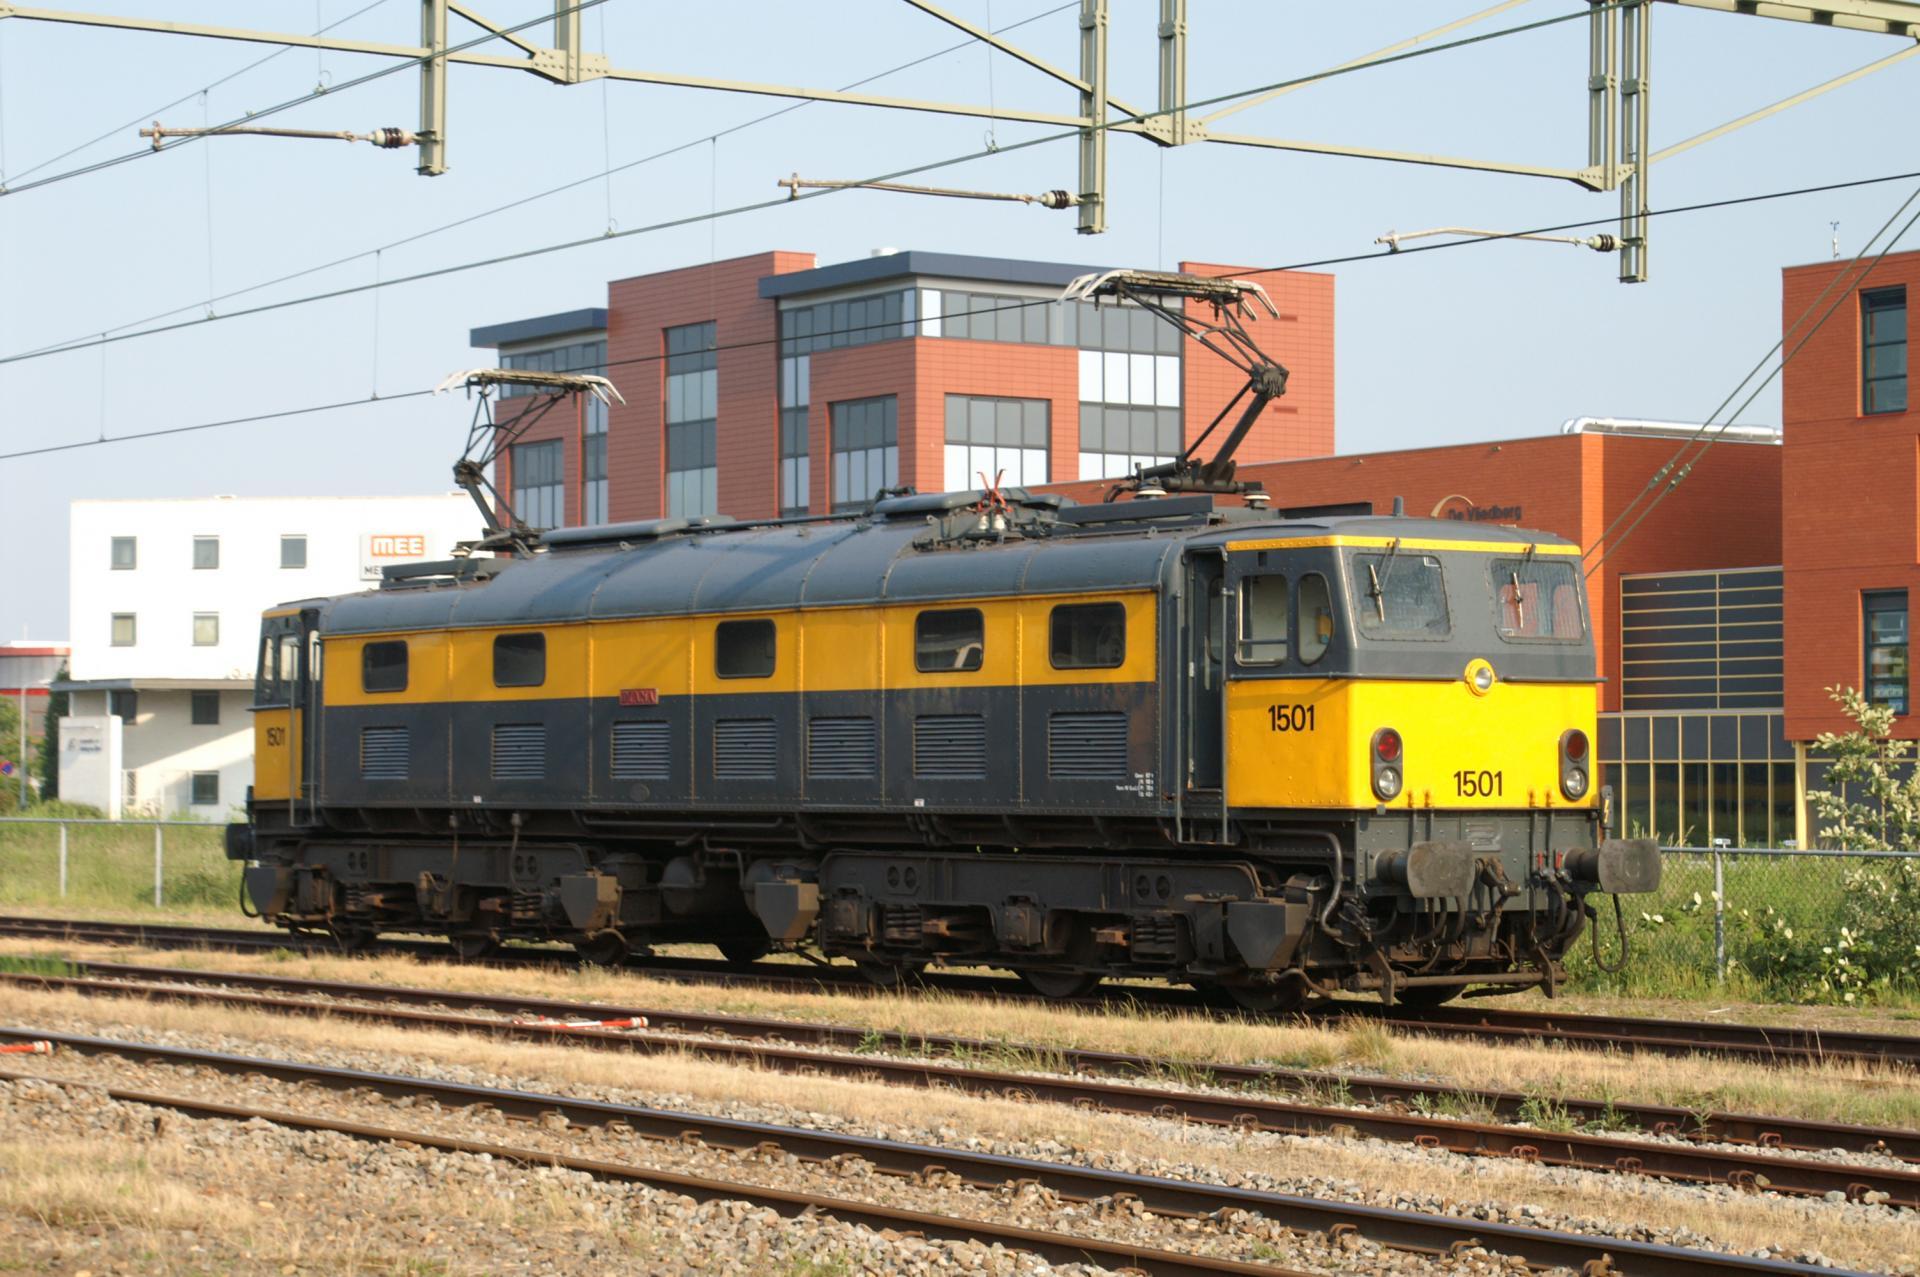 Werkgroep 1501 / Stichting Klassieke Locomotieven KLOK